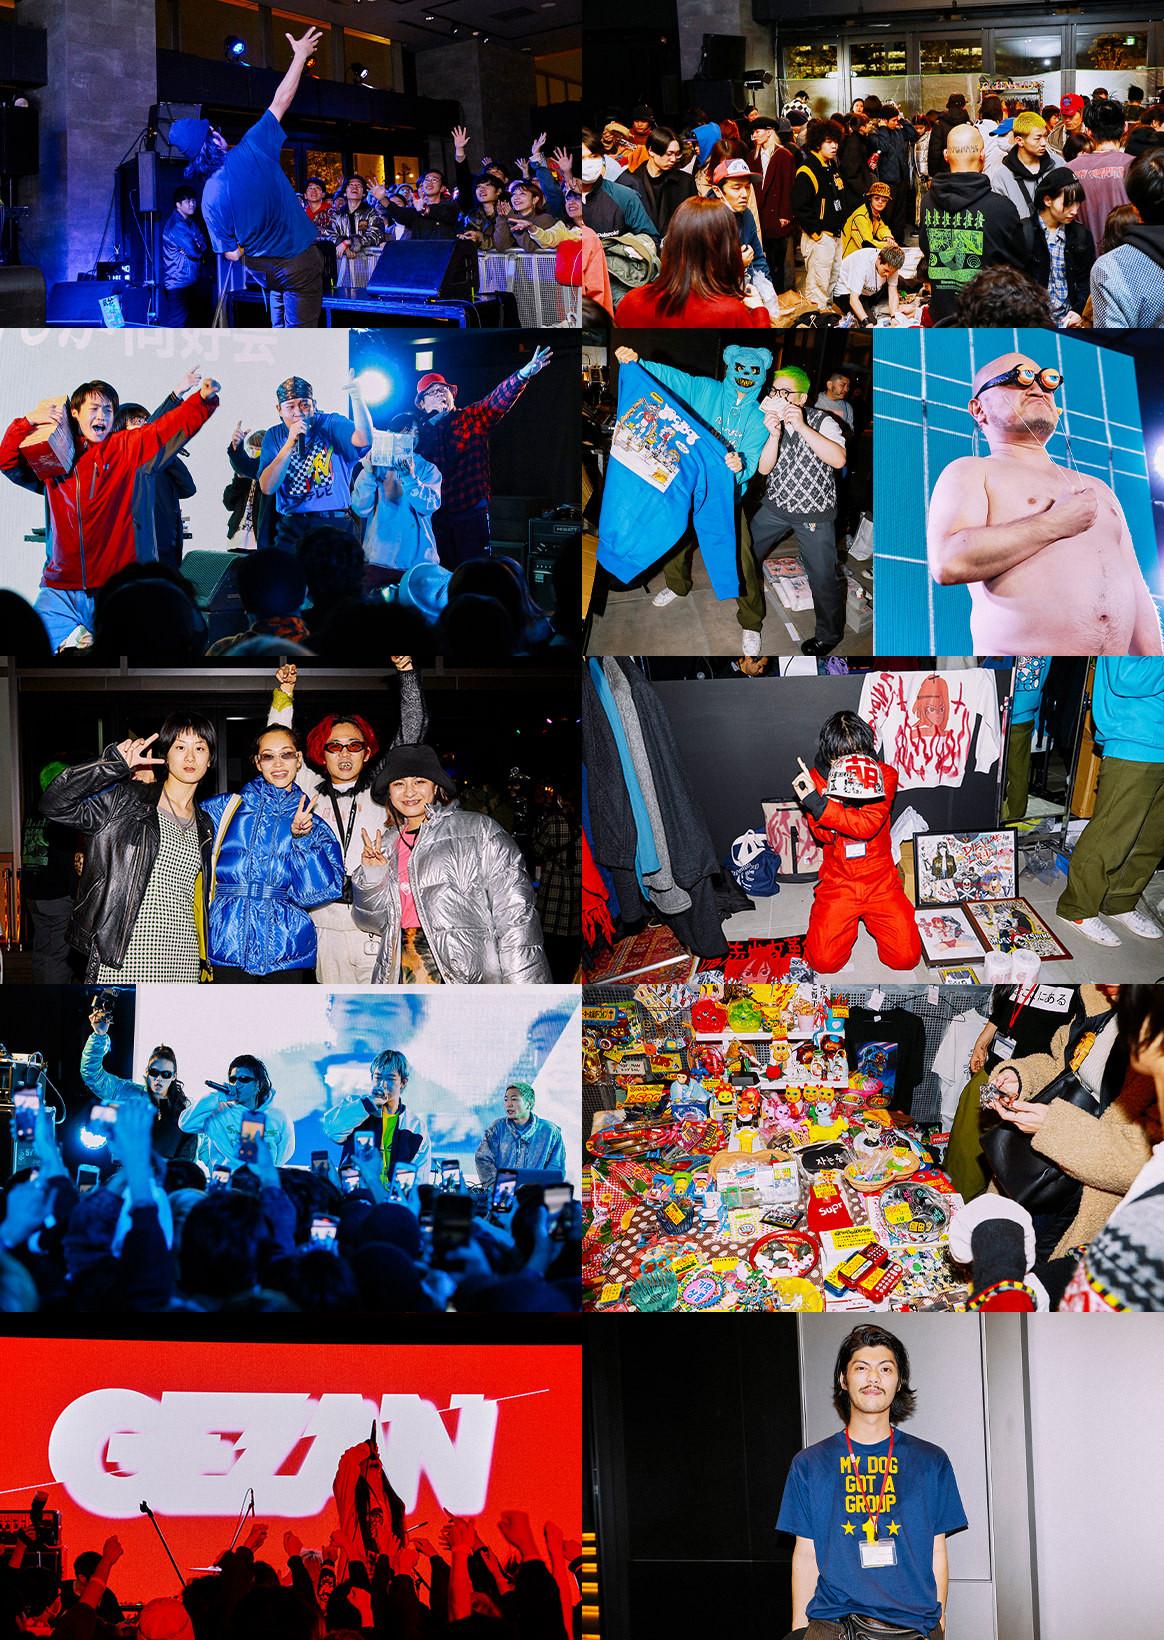 """Okamoto Reiji การเป็นแกนดำเนินการ """" YAGI EXHIBITION จัด """" YAGIBOY"""" นิทรรศการนี้ที่รวมเป็นหนึ่งด้วยกันกับ secondhand clothes store """" BOY"""" วันที่ 27 เดือนพฤศจิกายน"""